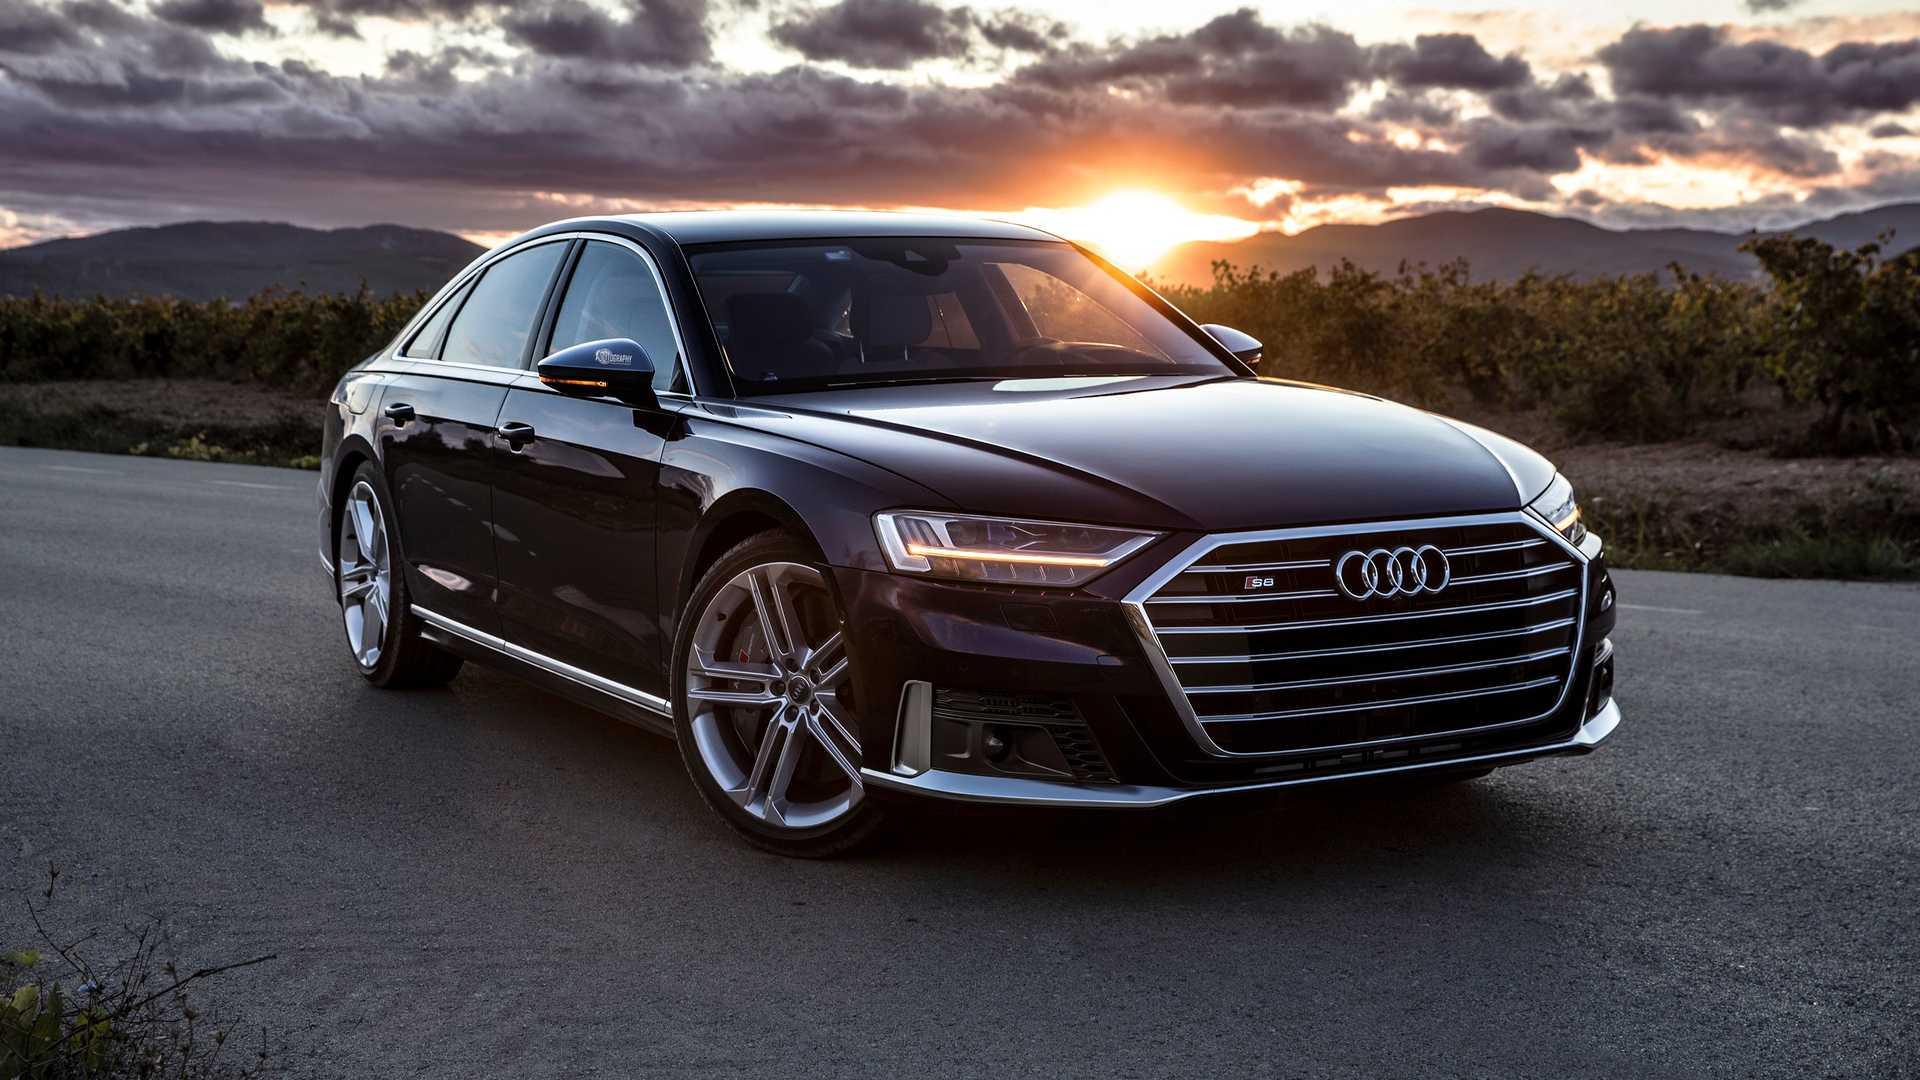 Audi S8 brži nego što kažu fabrički podaci (VIDEO)